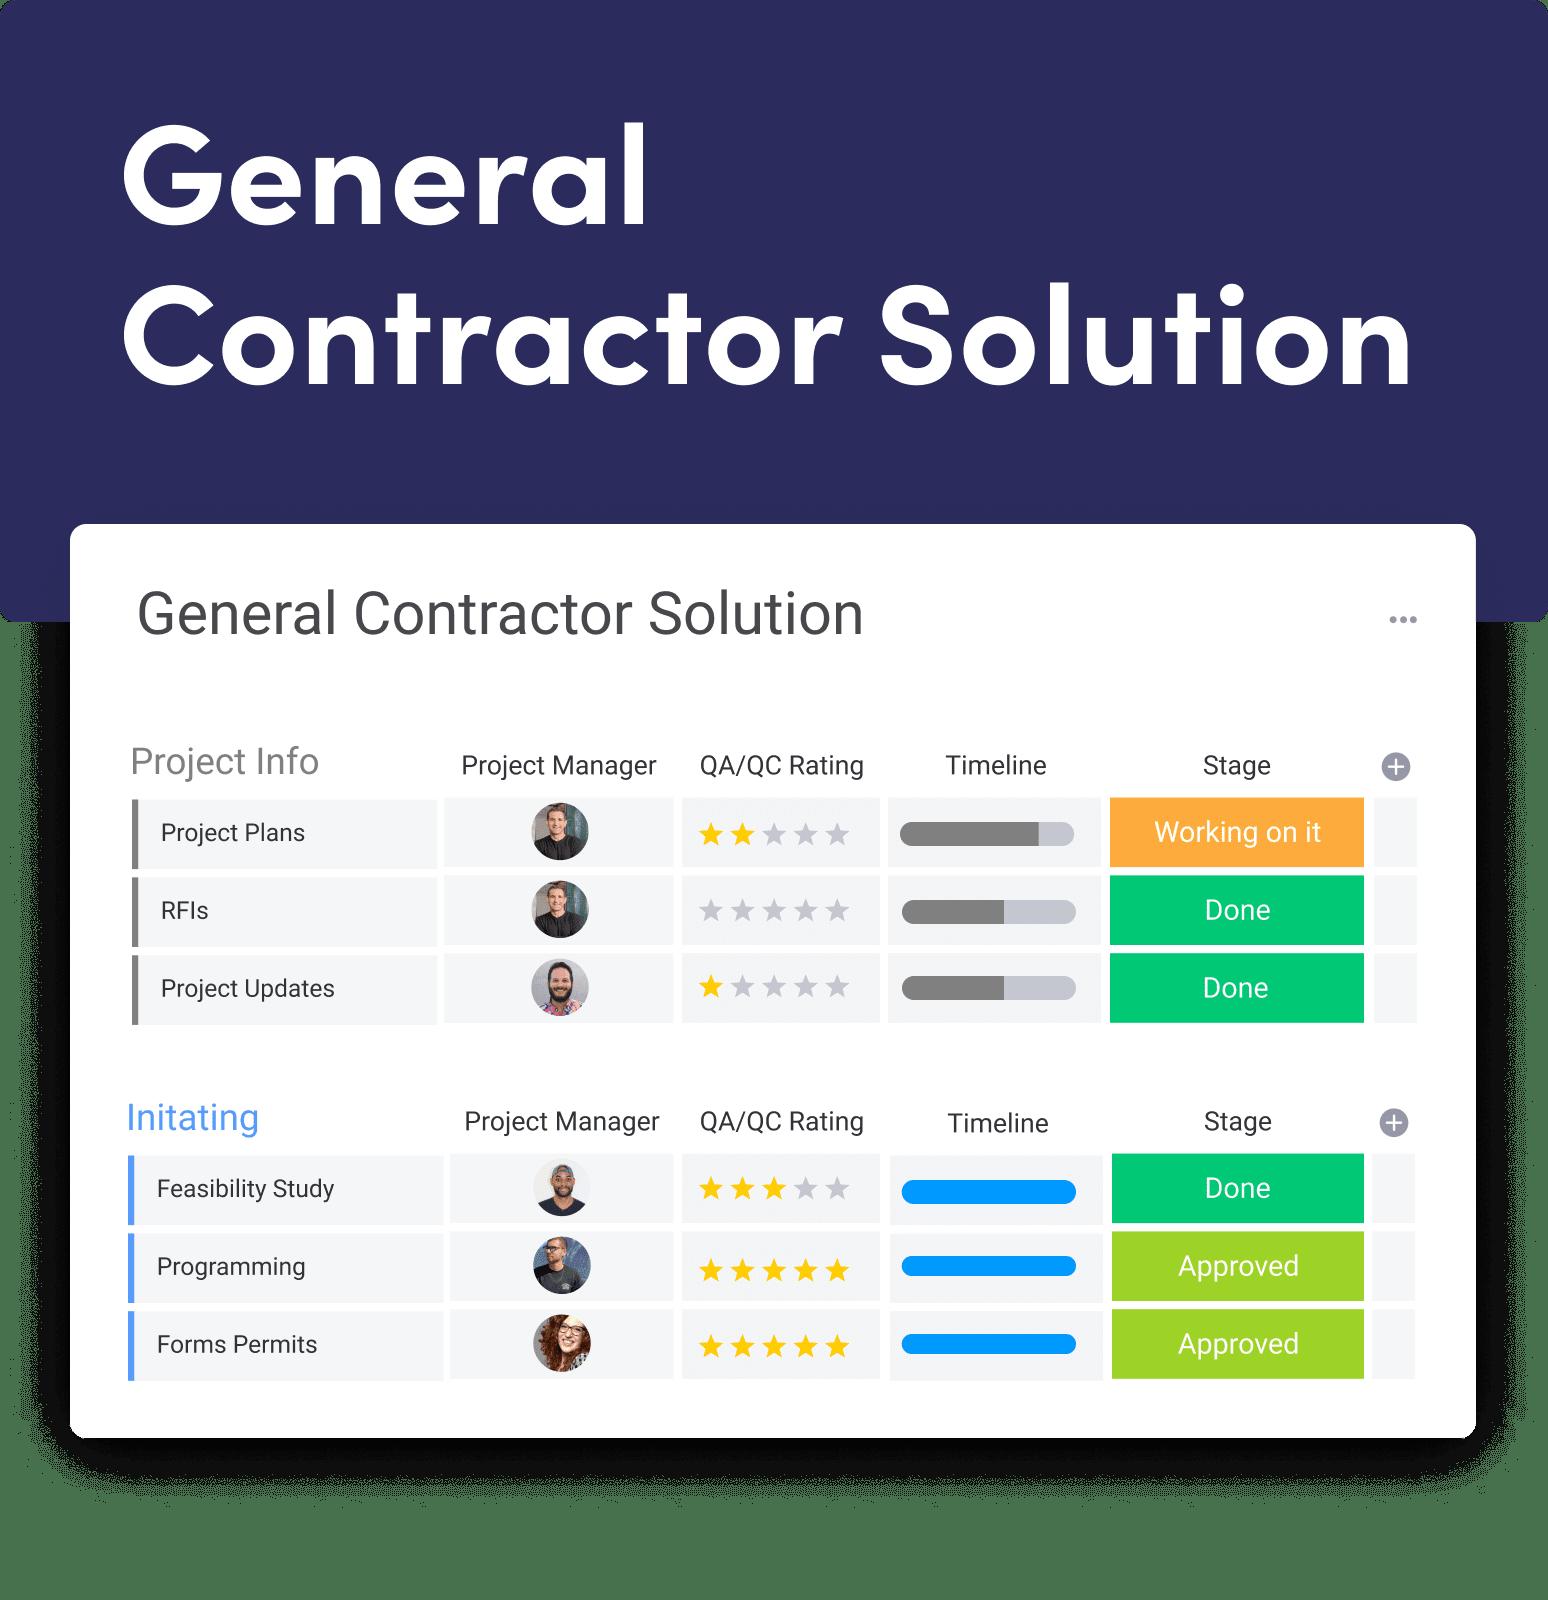 Generalcontractorsolution